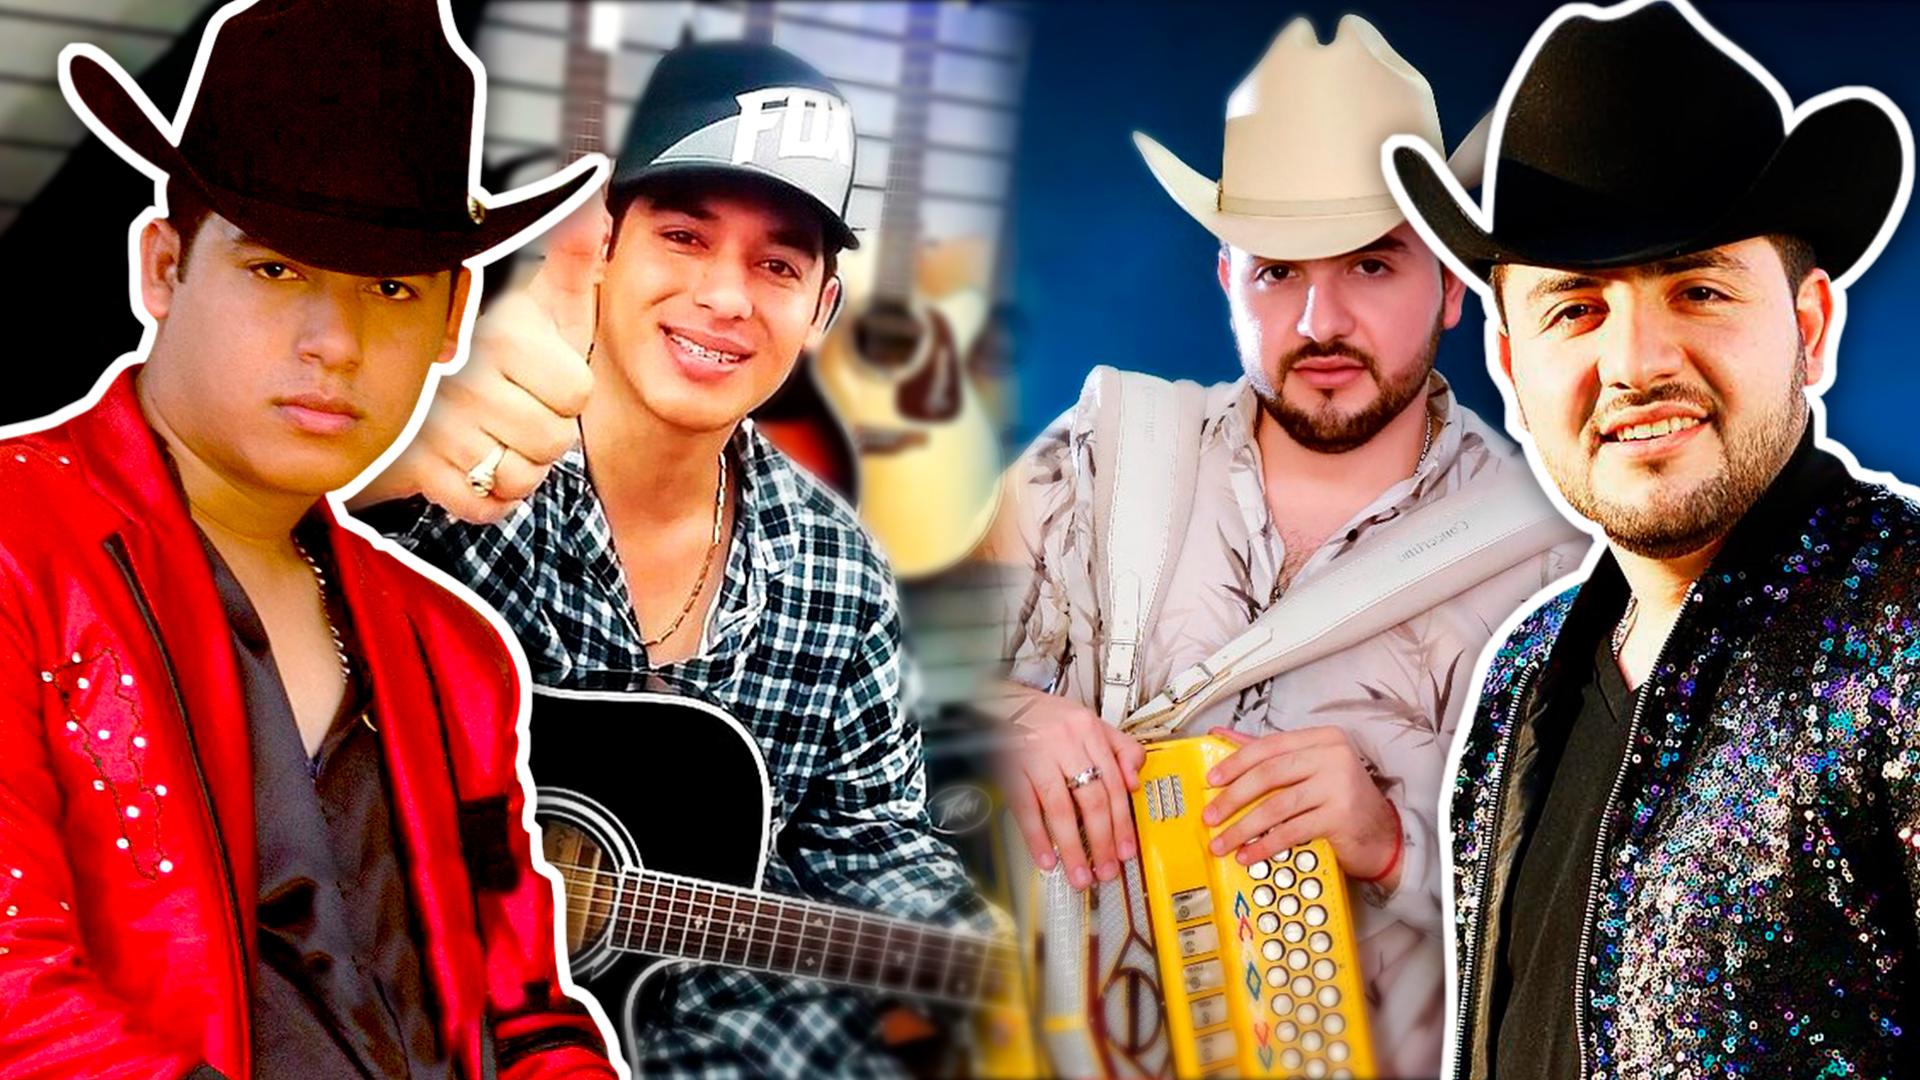 Estas son las coincidencias entre Jorge Valenzuela y Ariel Camacho, dos jóvenes que pintaban para ser ídolos del regional mexicano